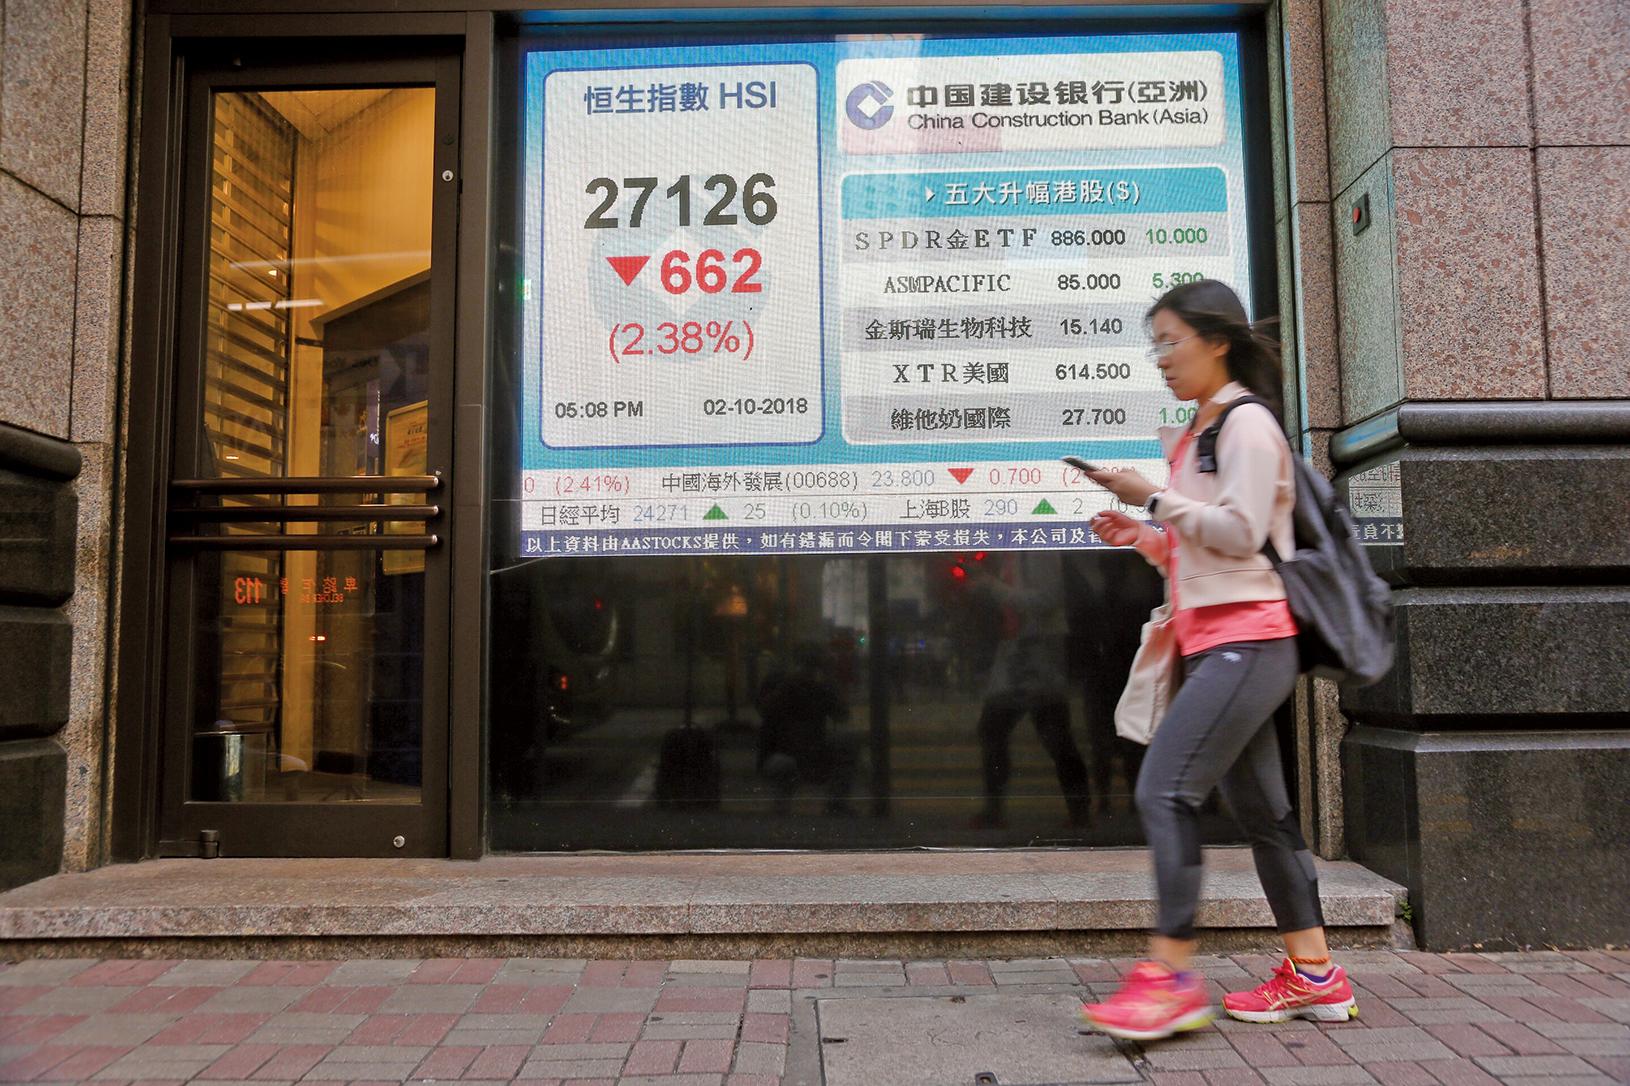 恒指昨日(2日)全日瀉662點或2.38%,收27126點。有投資界人士以「勝利大逃亡」形容港股昨日大跌很大程度是由獲利沽盤推動。(王信誠/大紀元)